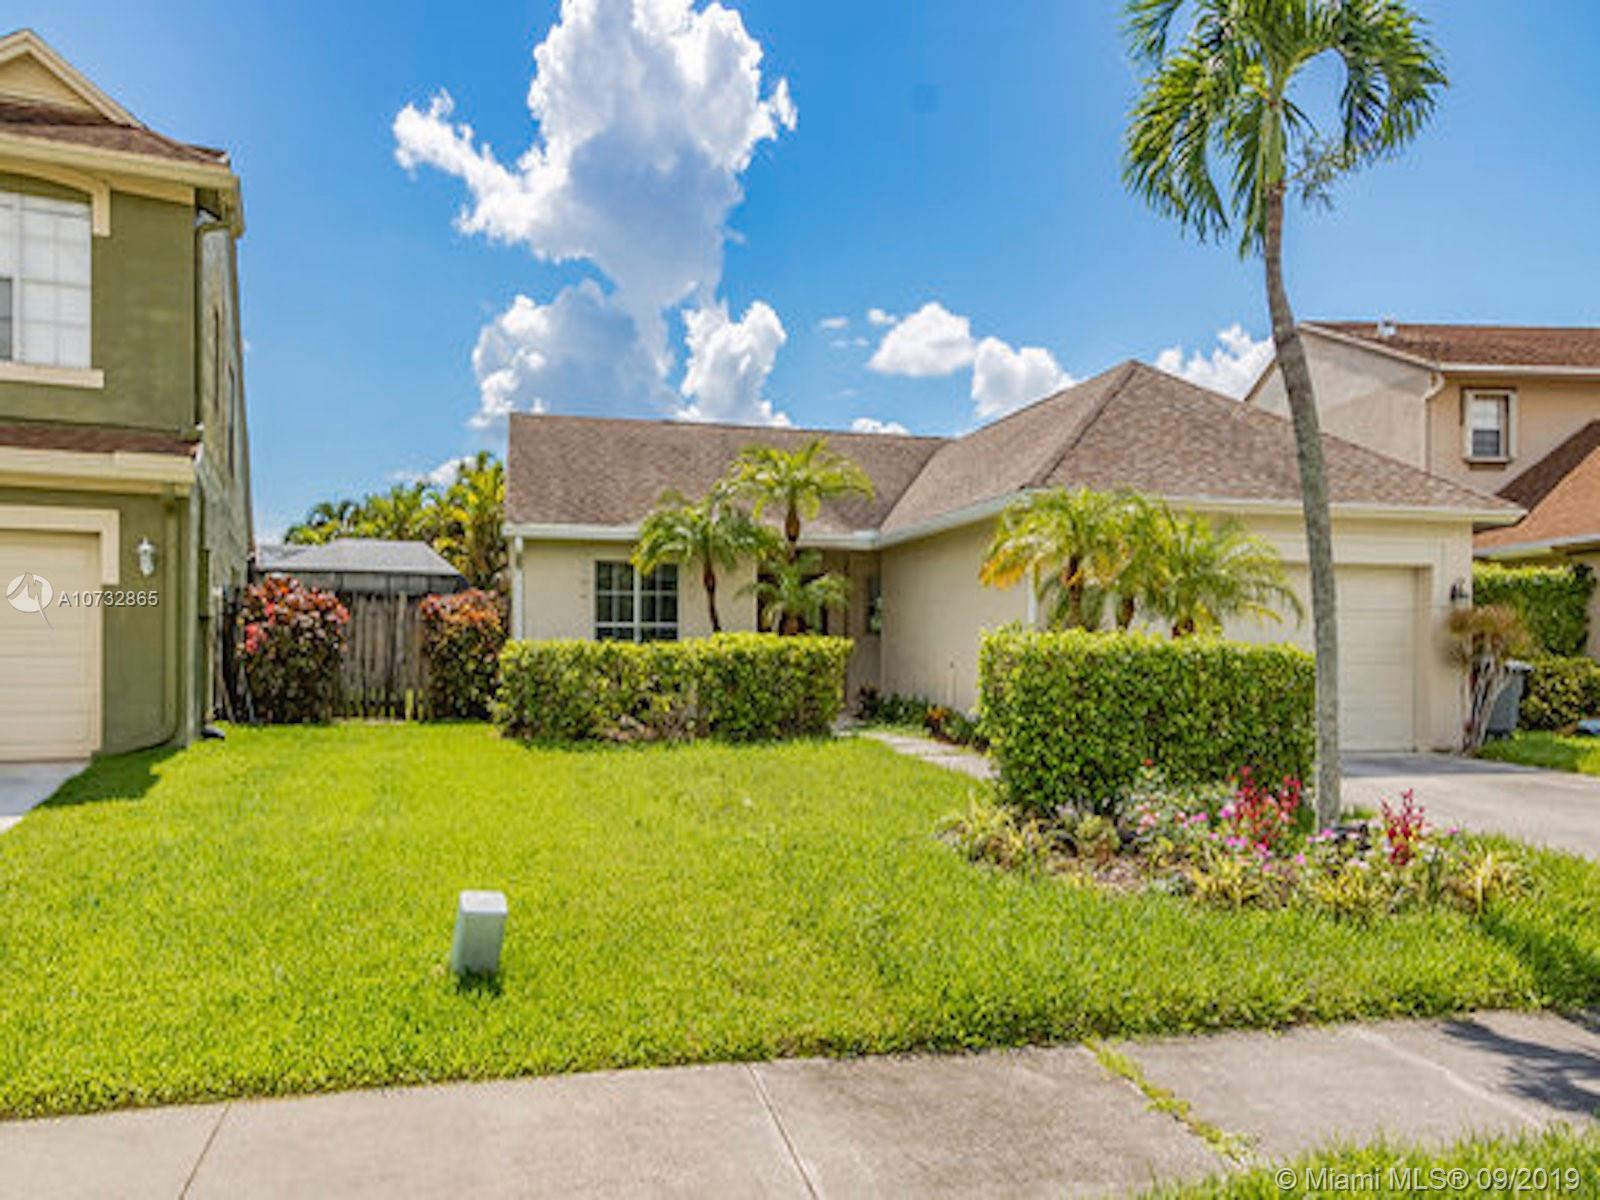 22552 Middletown Dr, Boca Raton, FL 33428